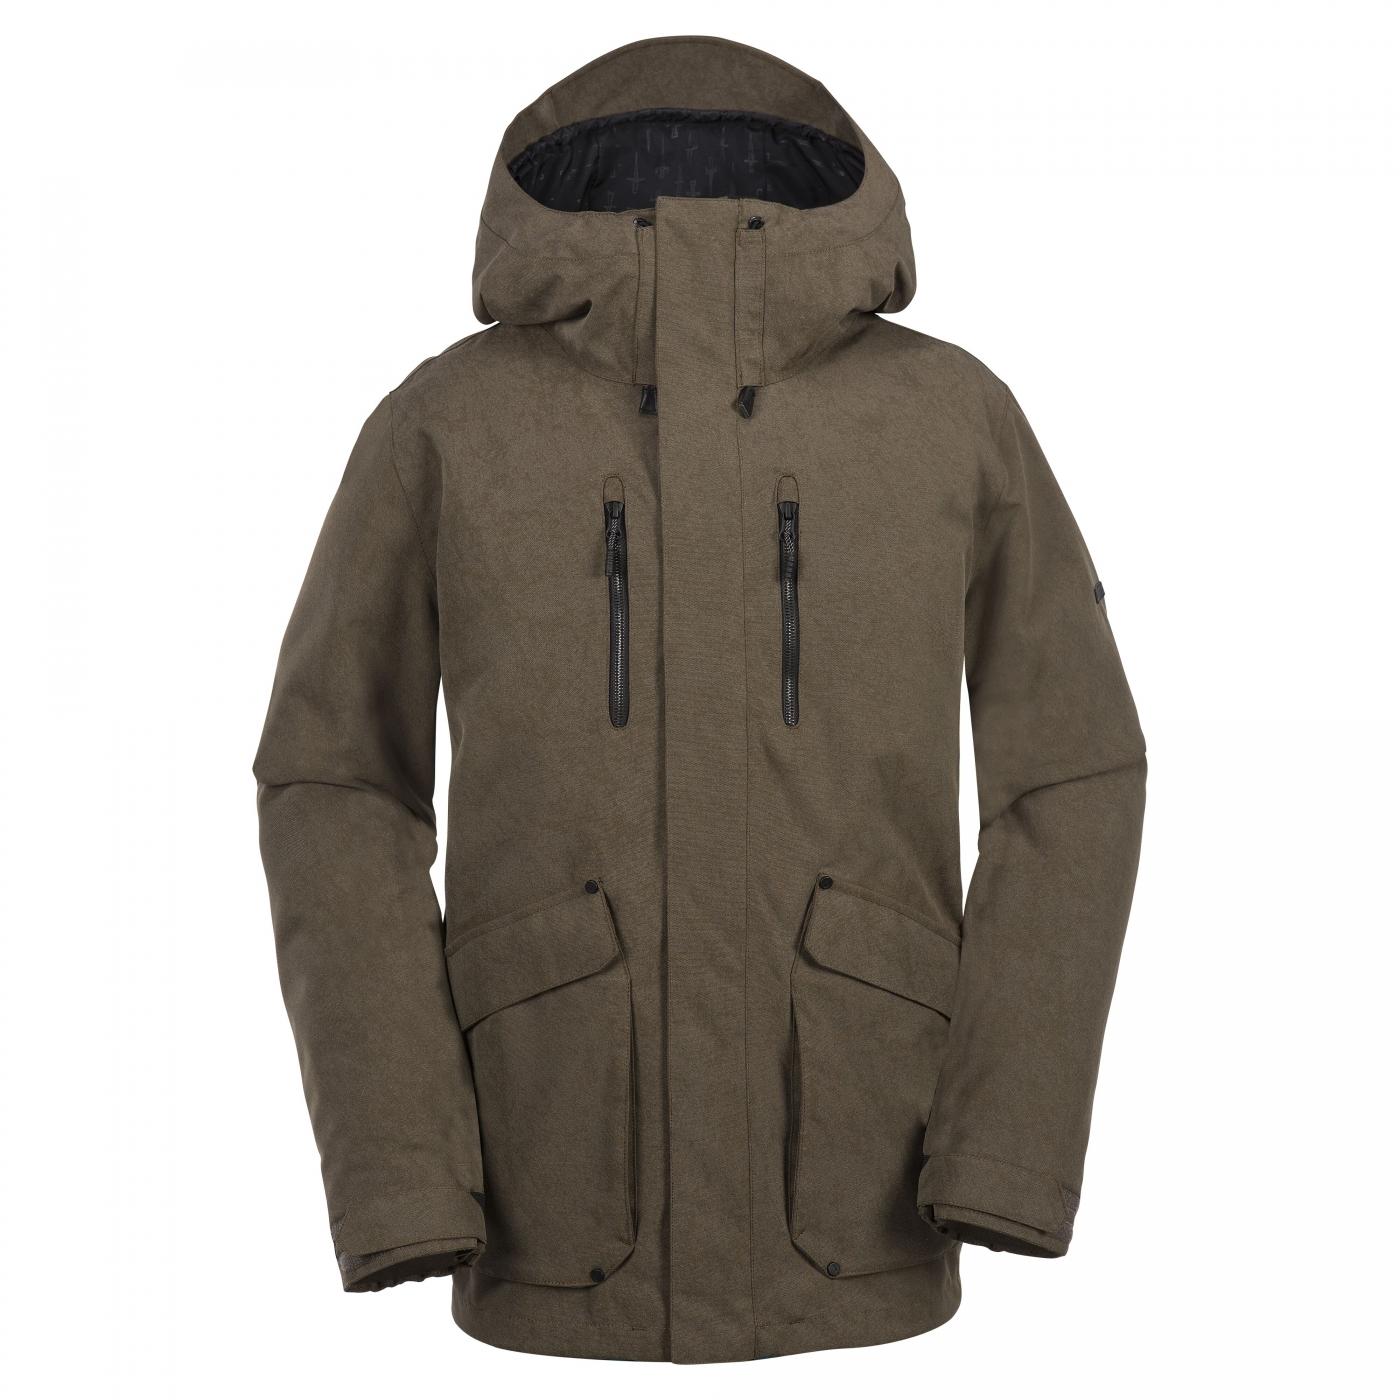 la meilleure attitude 02aa8 3477c Veste De Snowboard Volcom Pat Moore 3-in-1 Jacket